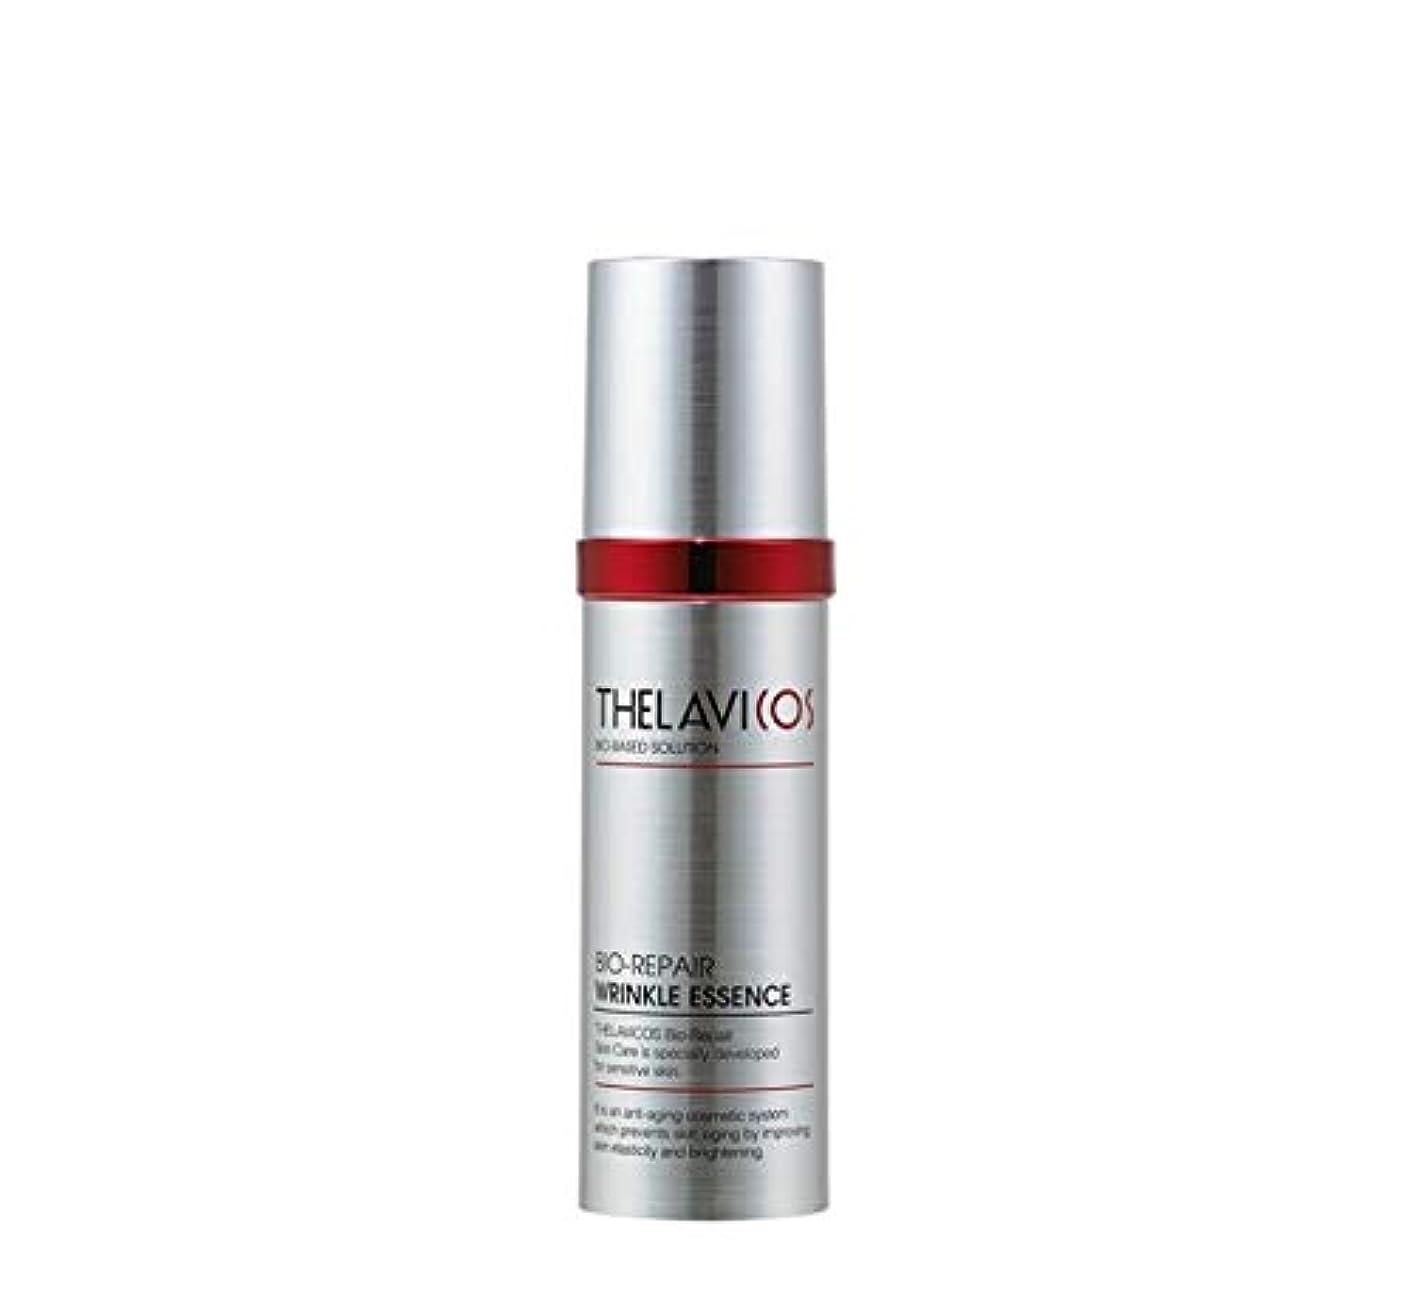 もう一度難民結晶セラビコス THELAVICOS バイオリペア リンクル エッセンス 美容液 韓国コスメ スキンケア エイジングシリーズ